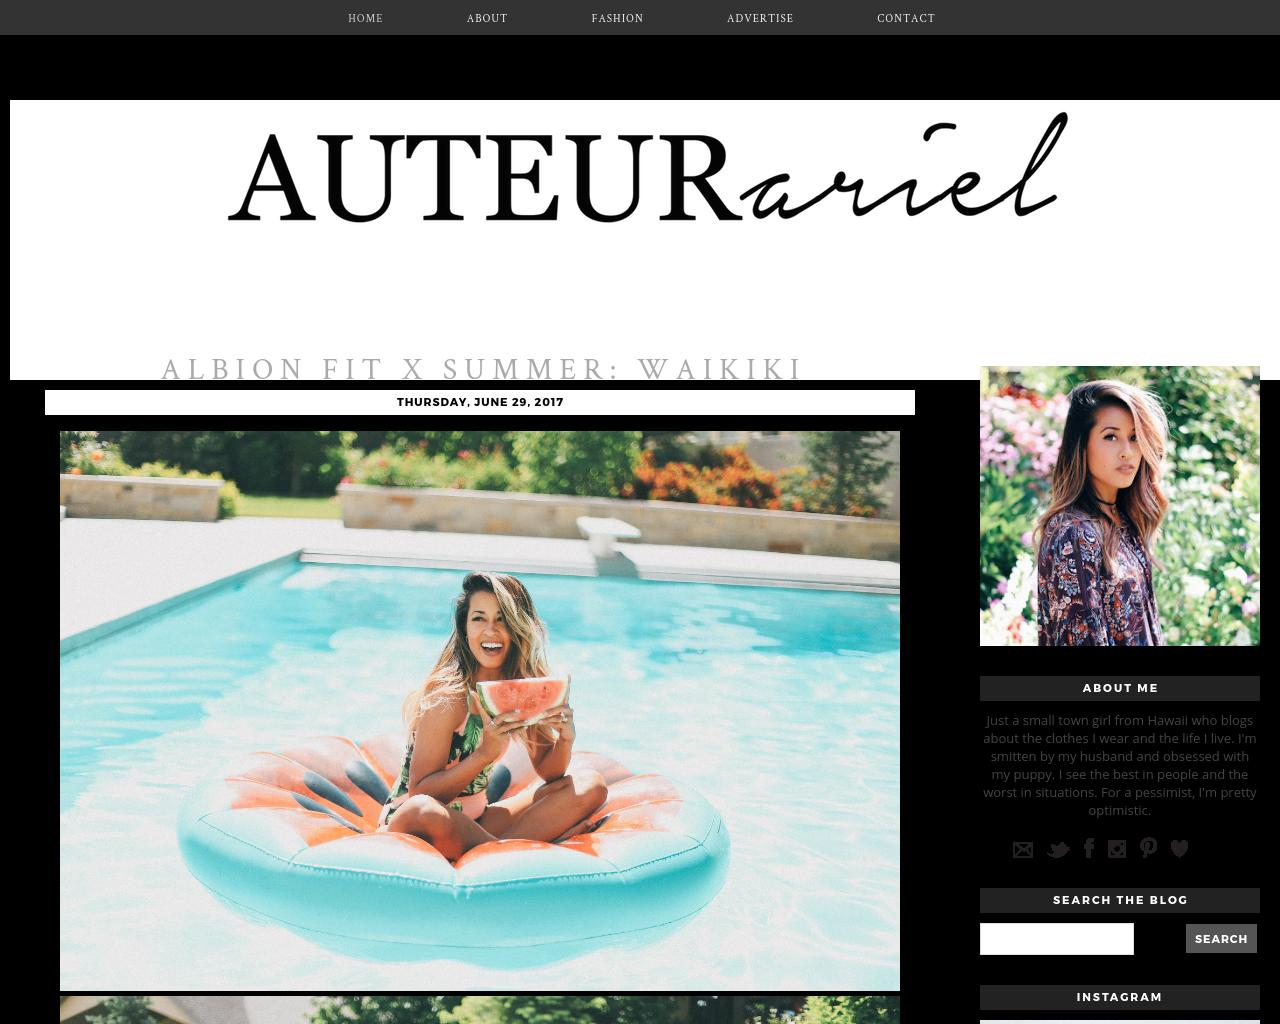 Auteur-Ariel-Advertising-Reviews-Pricing